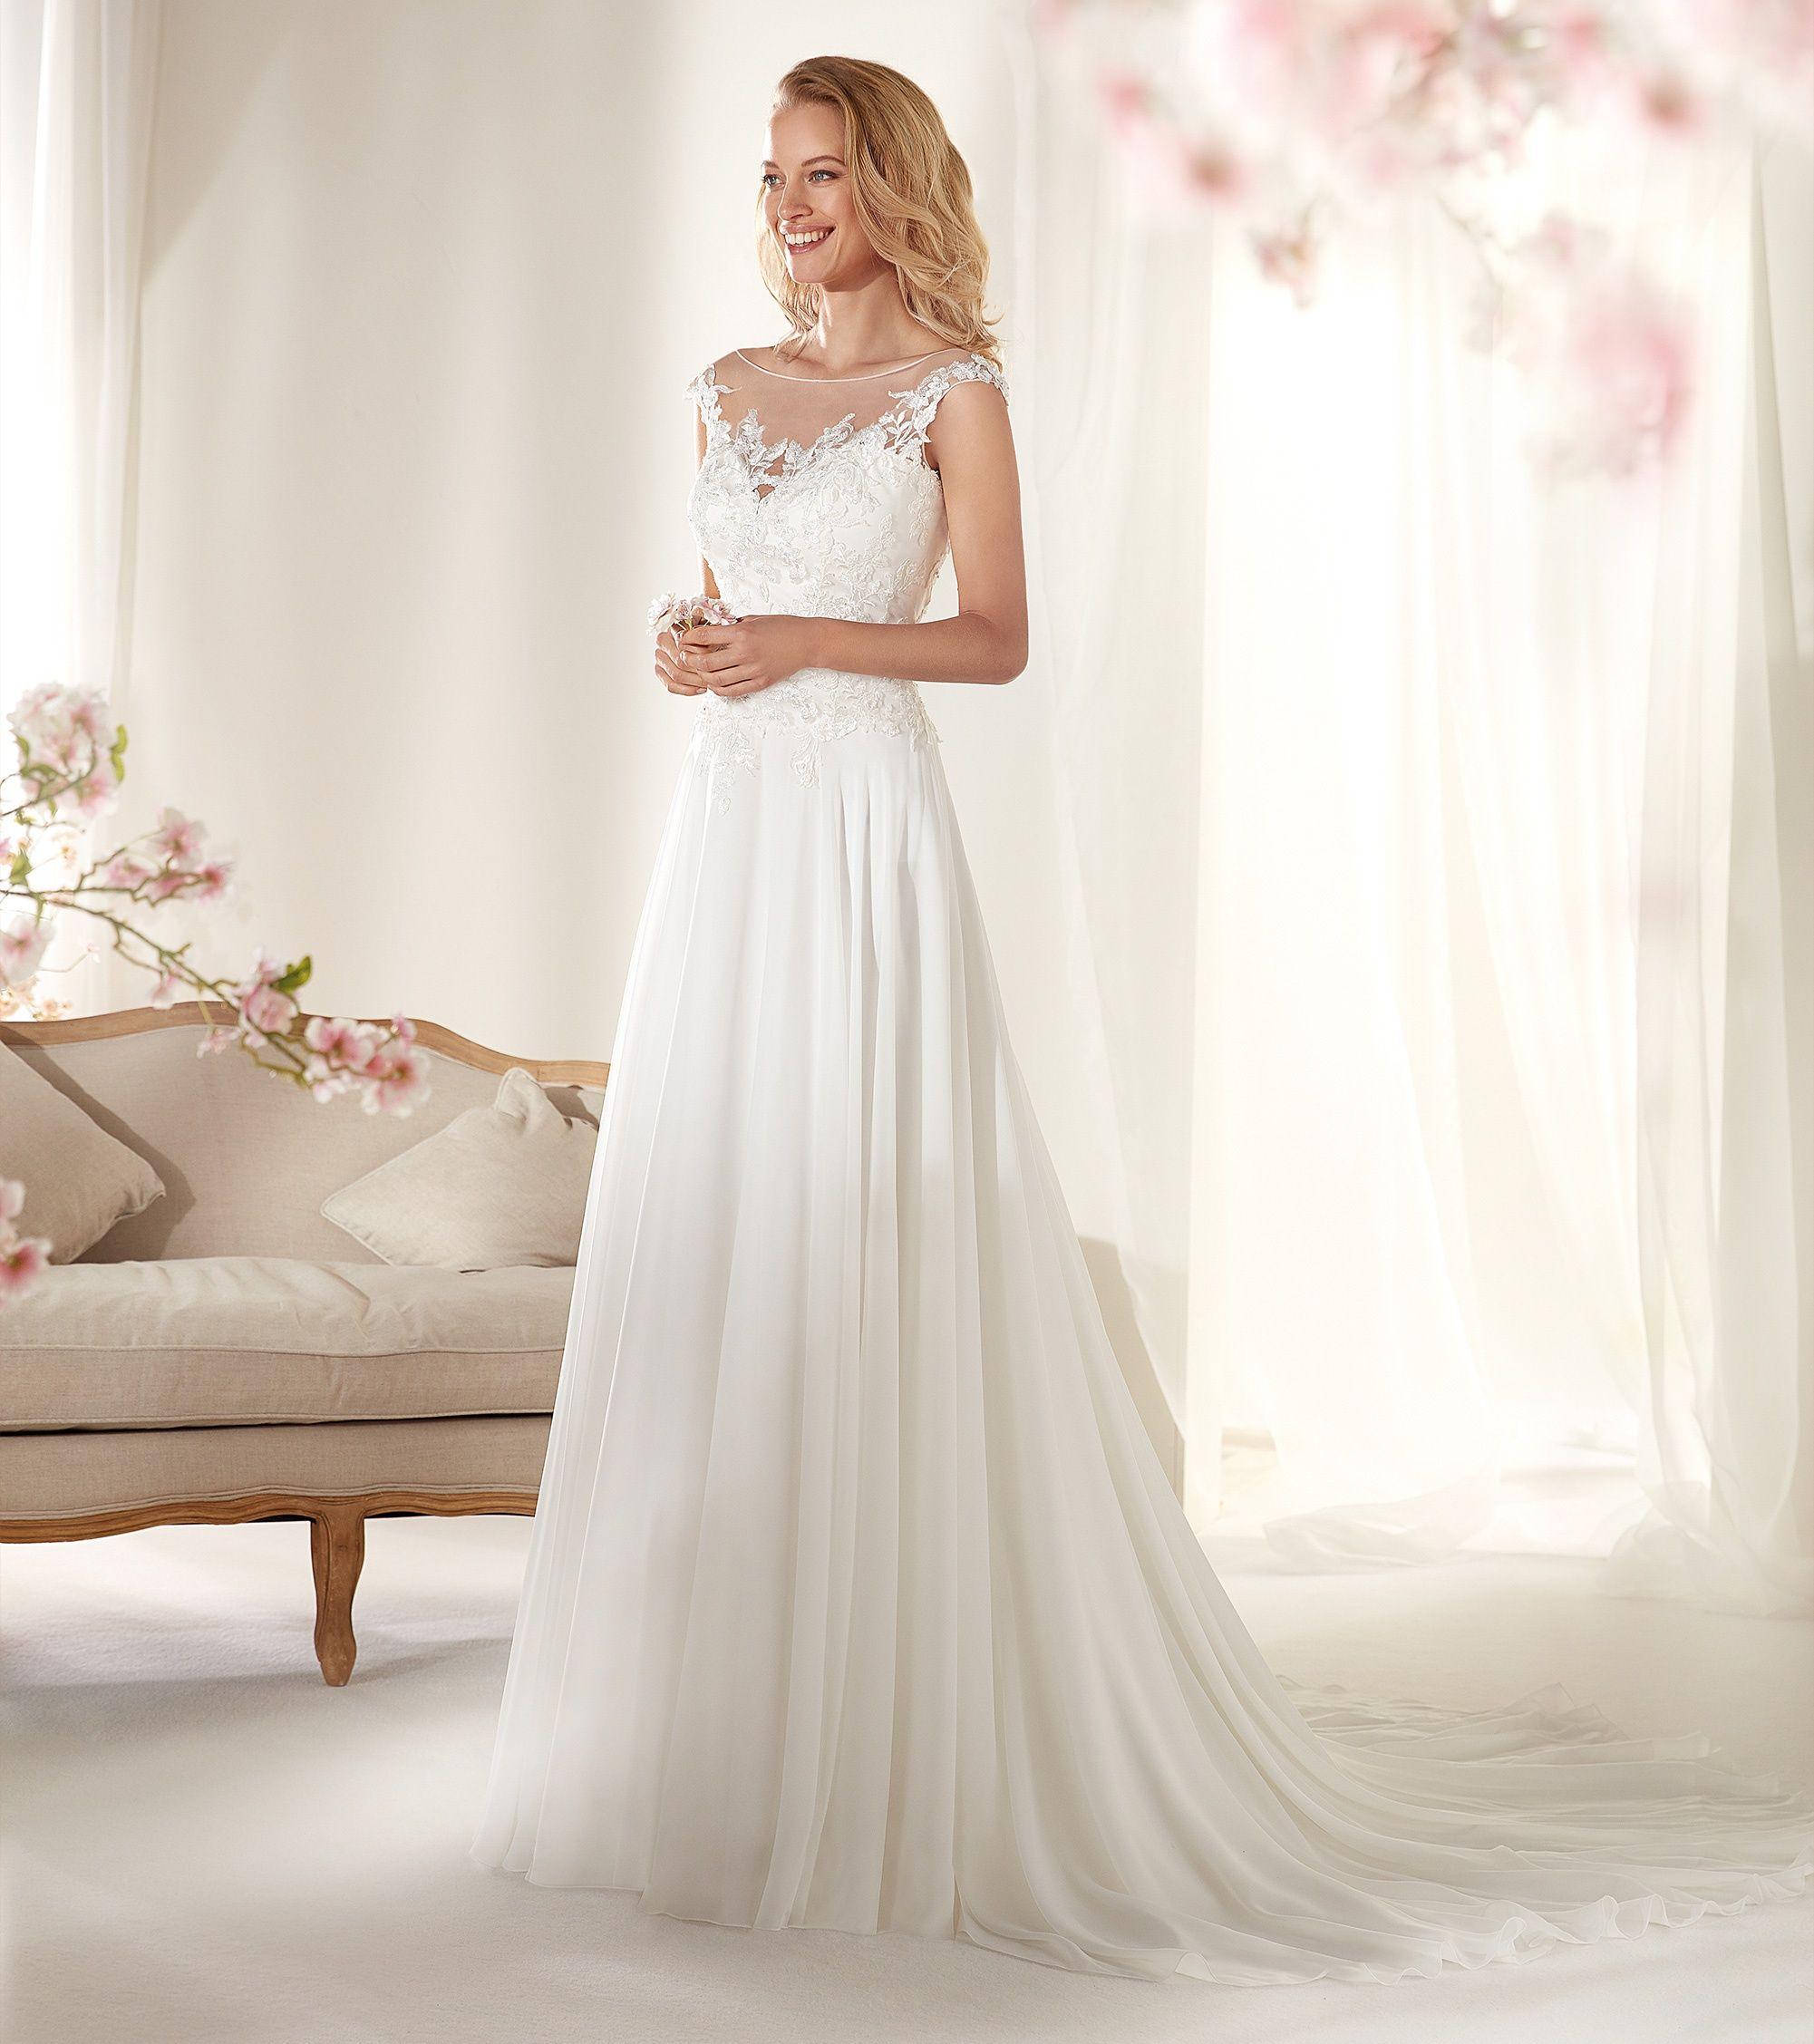 Moda Sposa 2019 Collezione Colet Coab19274 Abito Da Sposa Nicole Matrimonio Sulla Spiaggia Vestito Abiti Da Sposa Abiti Da Sposa Semplici